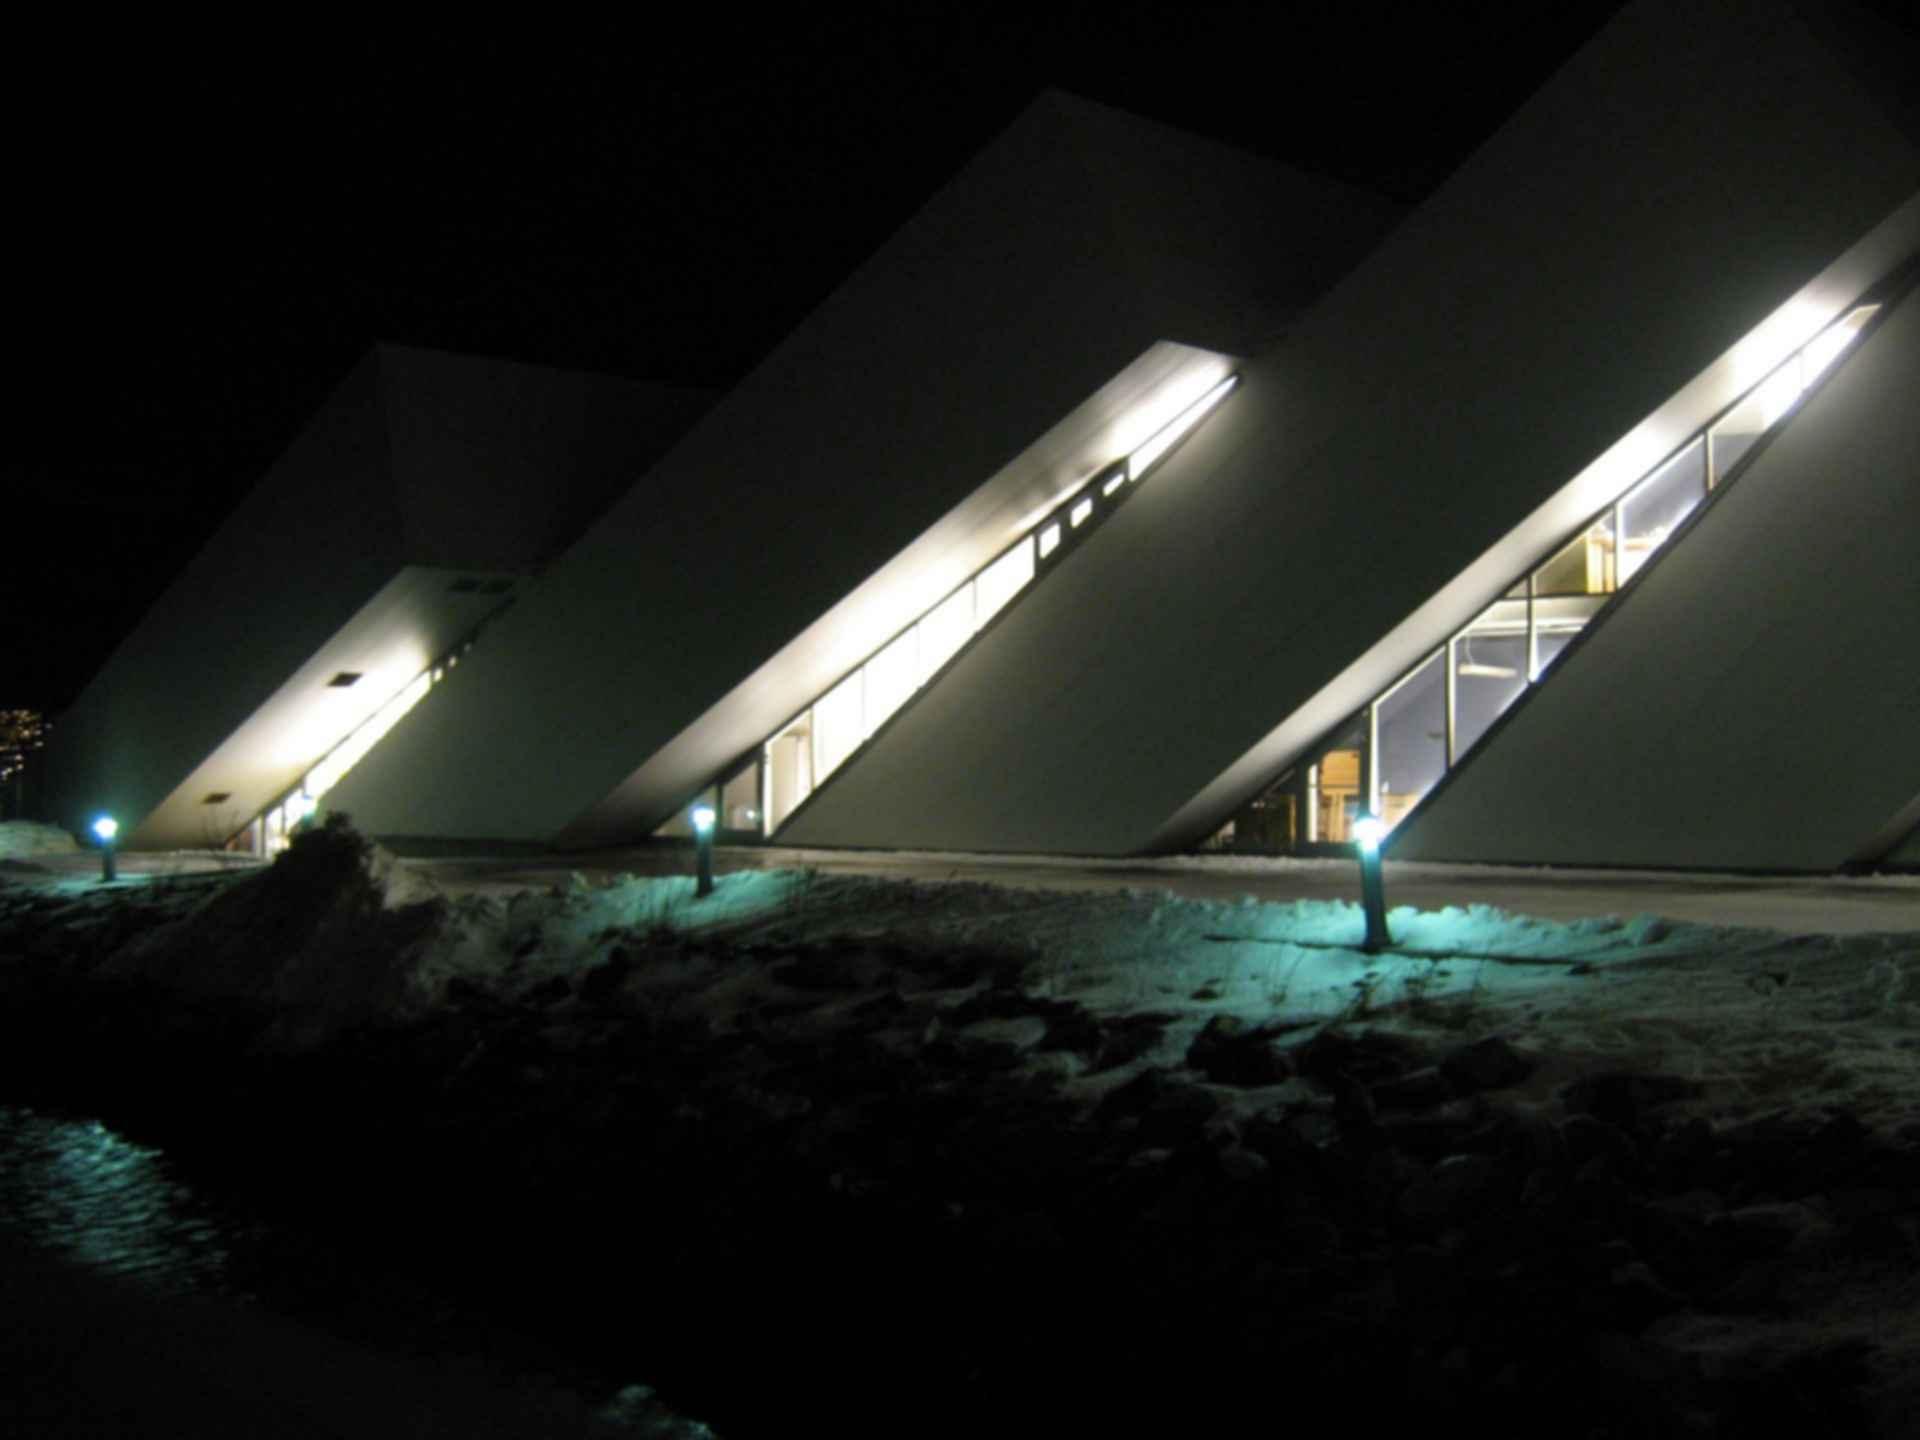 Polaria Museum - Exterior at Night